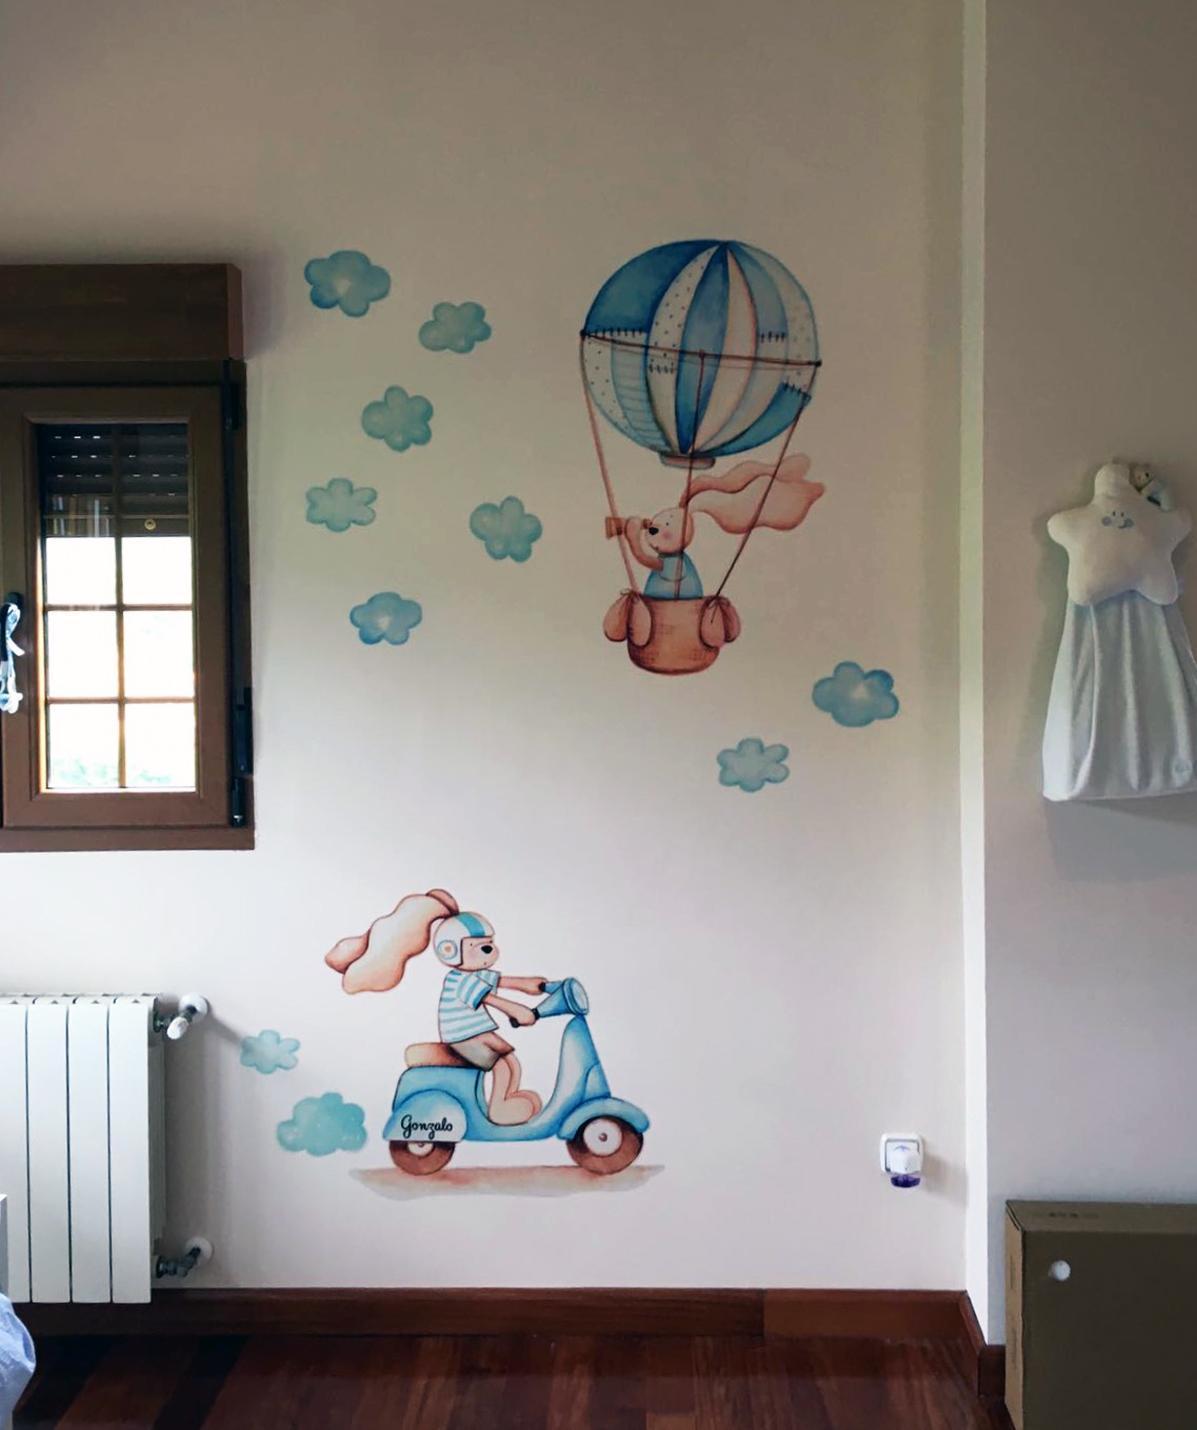 VINILO INFANTIL: Conejitos en vespa azul y globo